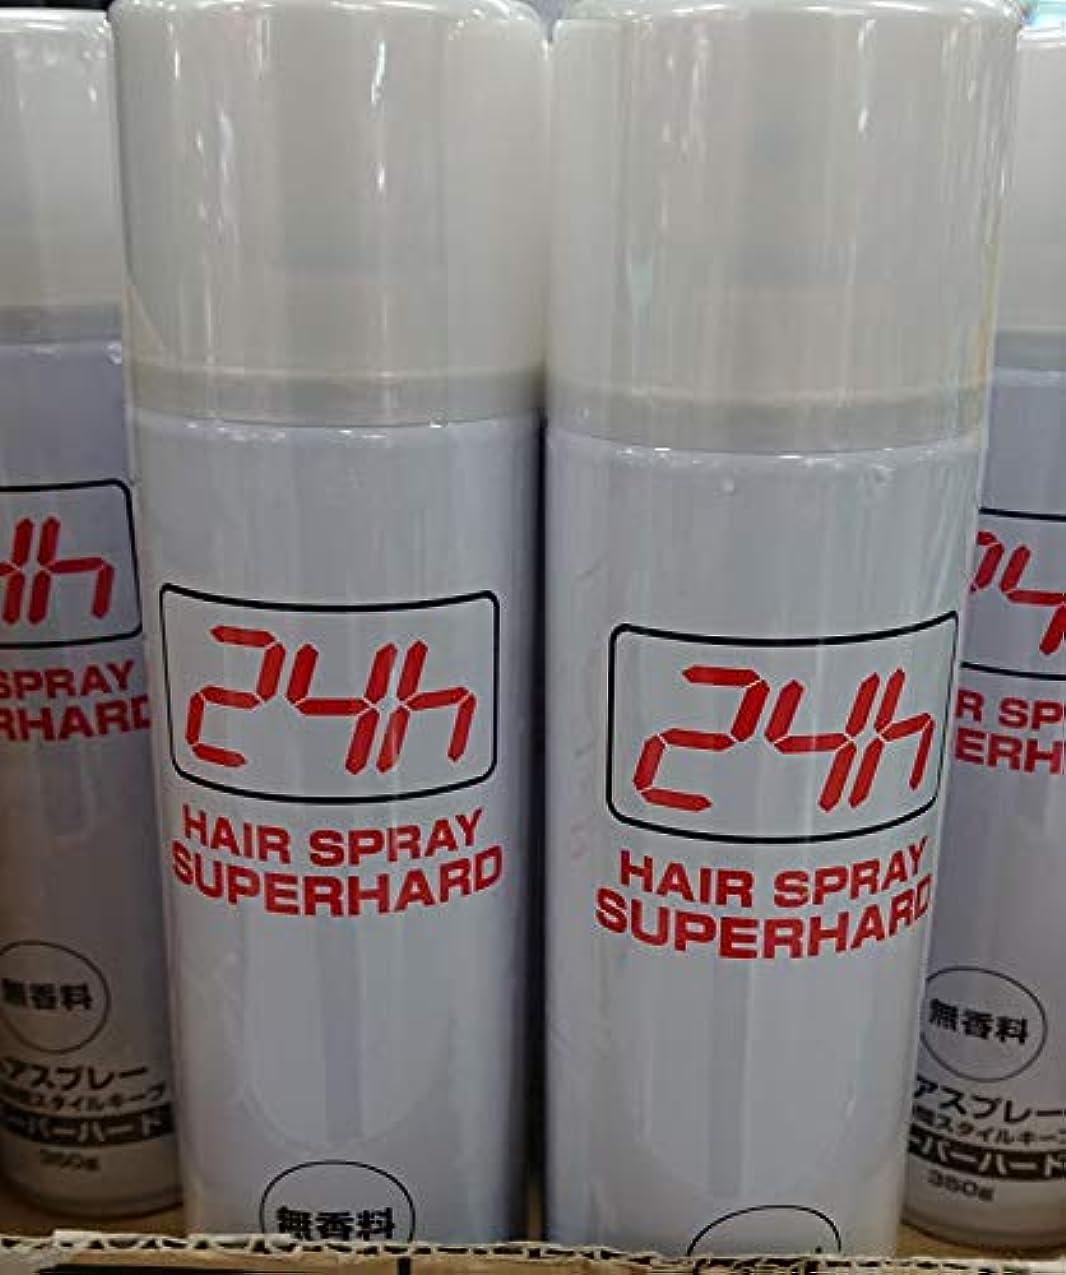 ポスト印象派爆発物サービスKEEP24 ヘアスプレー スーパーハード 無香料 大容量350g 1本